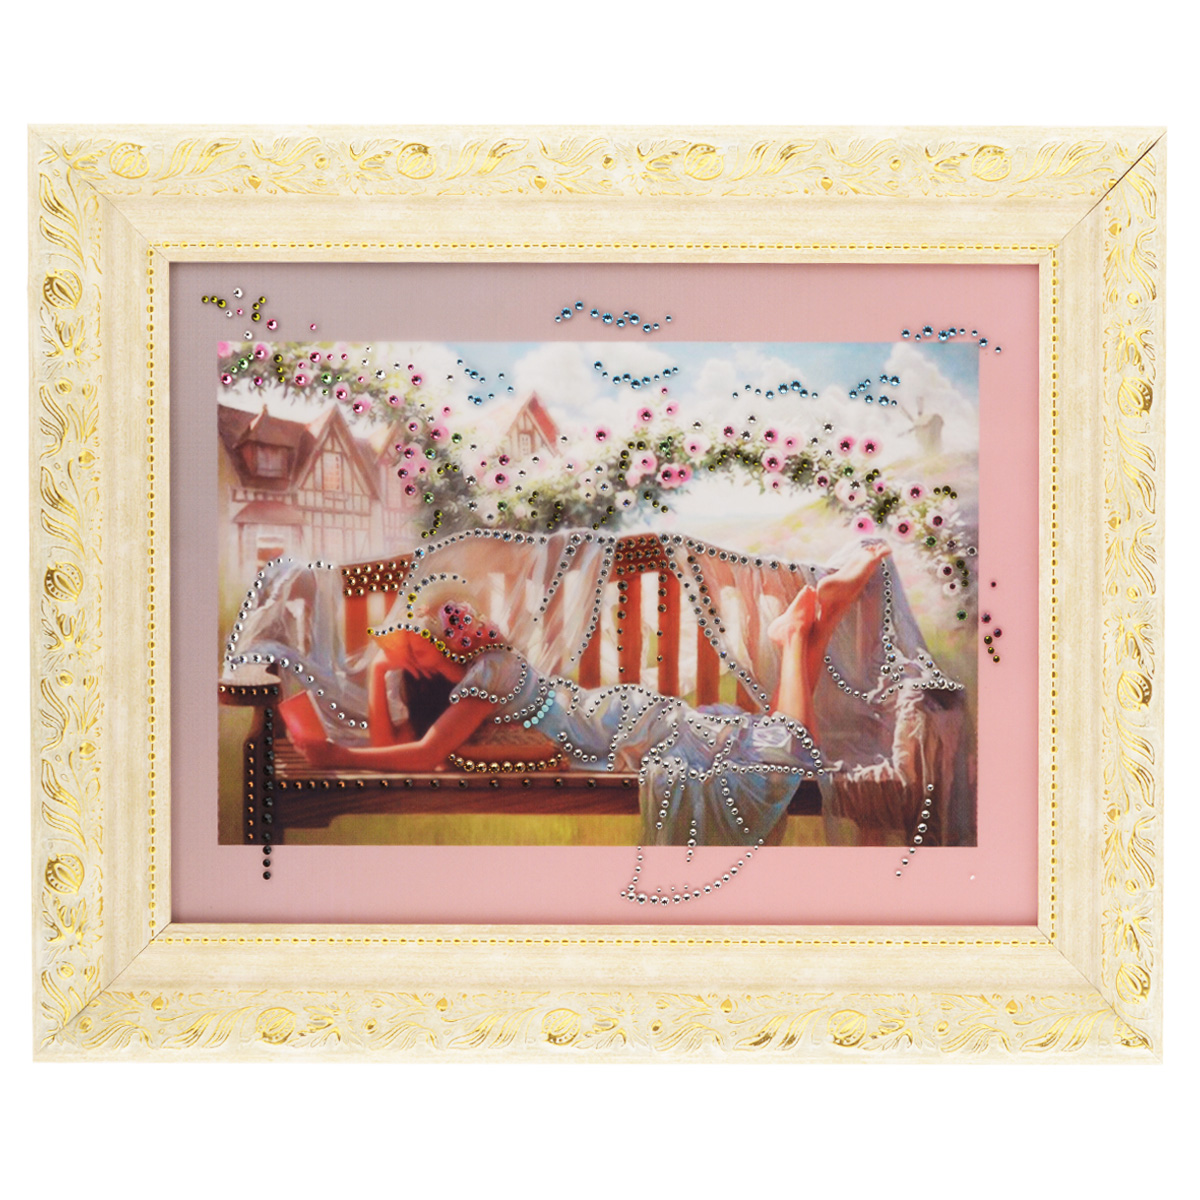 Картина с кристаллами Swarovski В саду, 50 см х 40 смWS0378:360:254:050Изящная картина в багетной раме, инкрустирована кристаллами Swarovski, которые отличаются четкой и ровной огранкой, ярким блеском и чистотой цвета. Красочное изображение девушки читающей книжку в саду, расположенное под стеклом, прекрасно дополняет блеск кристаллов. С обратной стороны имеется металлическая проволока для размещения картины на стене. Картина с кристаллами Swarovski В саду элегантно украсит интерьер дома или офиса, а также станет прекрасным подарком, который обязательно понравится получателю. Блеск кристаллов в интерьере, что может быть сказочнее и удивительнее. Картина упакована в подарочную картонную коробку синего цвета и комплектуется сертификатом соответствия Swarovski.